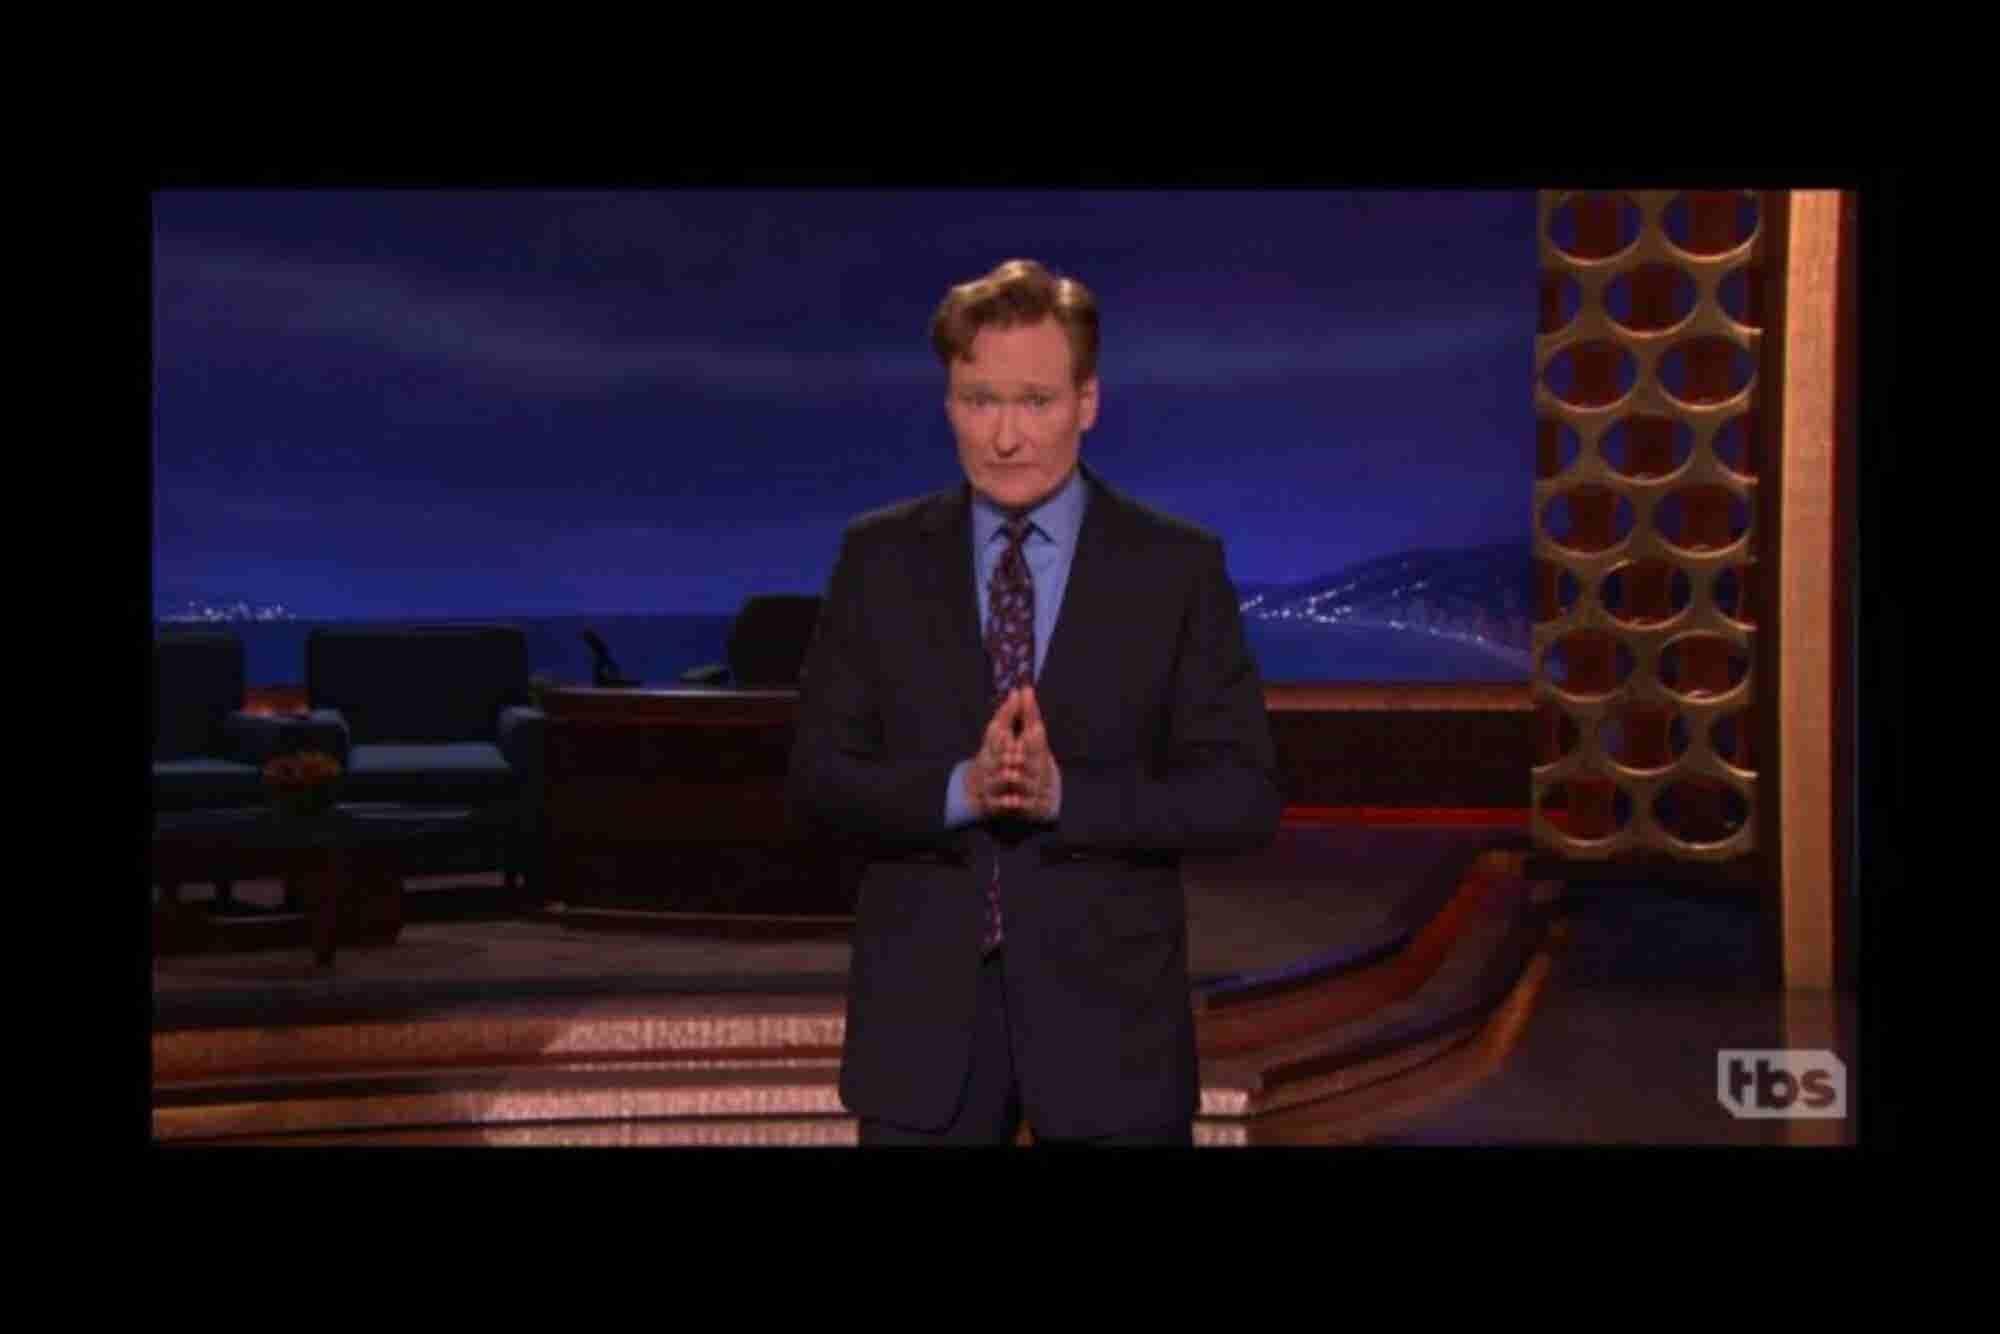 Así quiere mejorar Conan O'Brien las relaciones México - EU